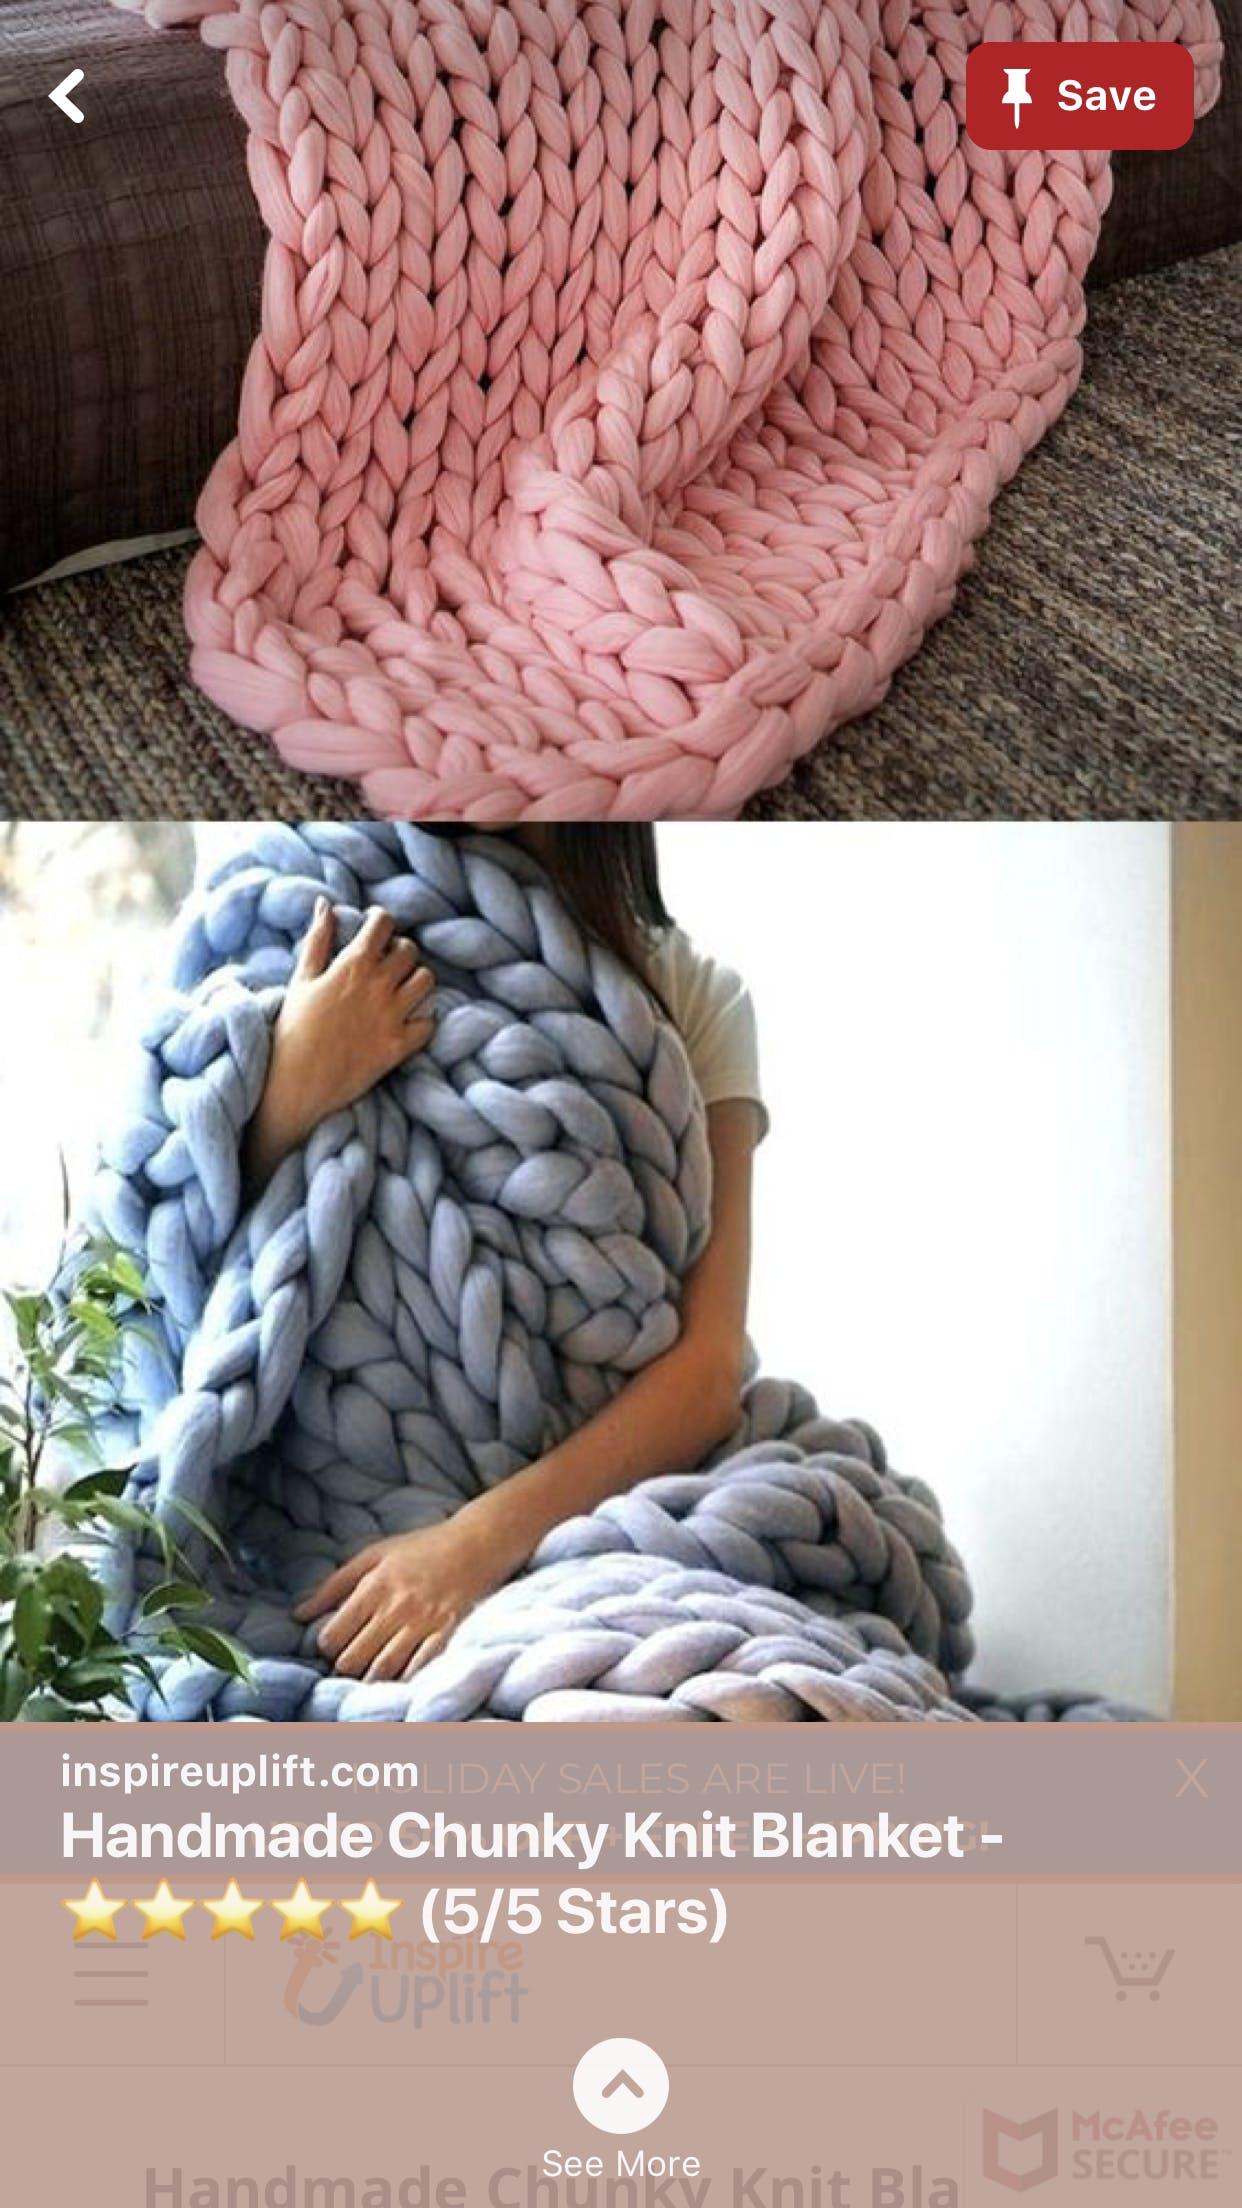 Holiday Blanket Makin' Mixer!!! 12/20